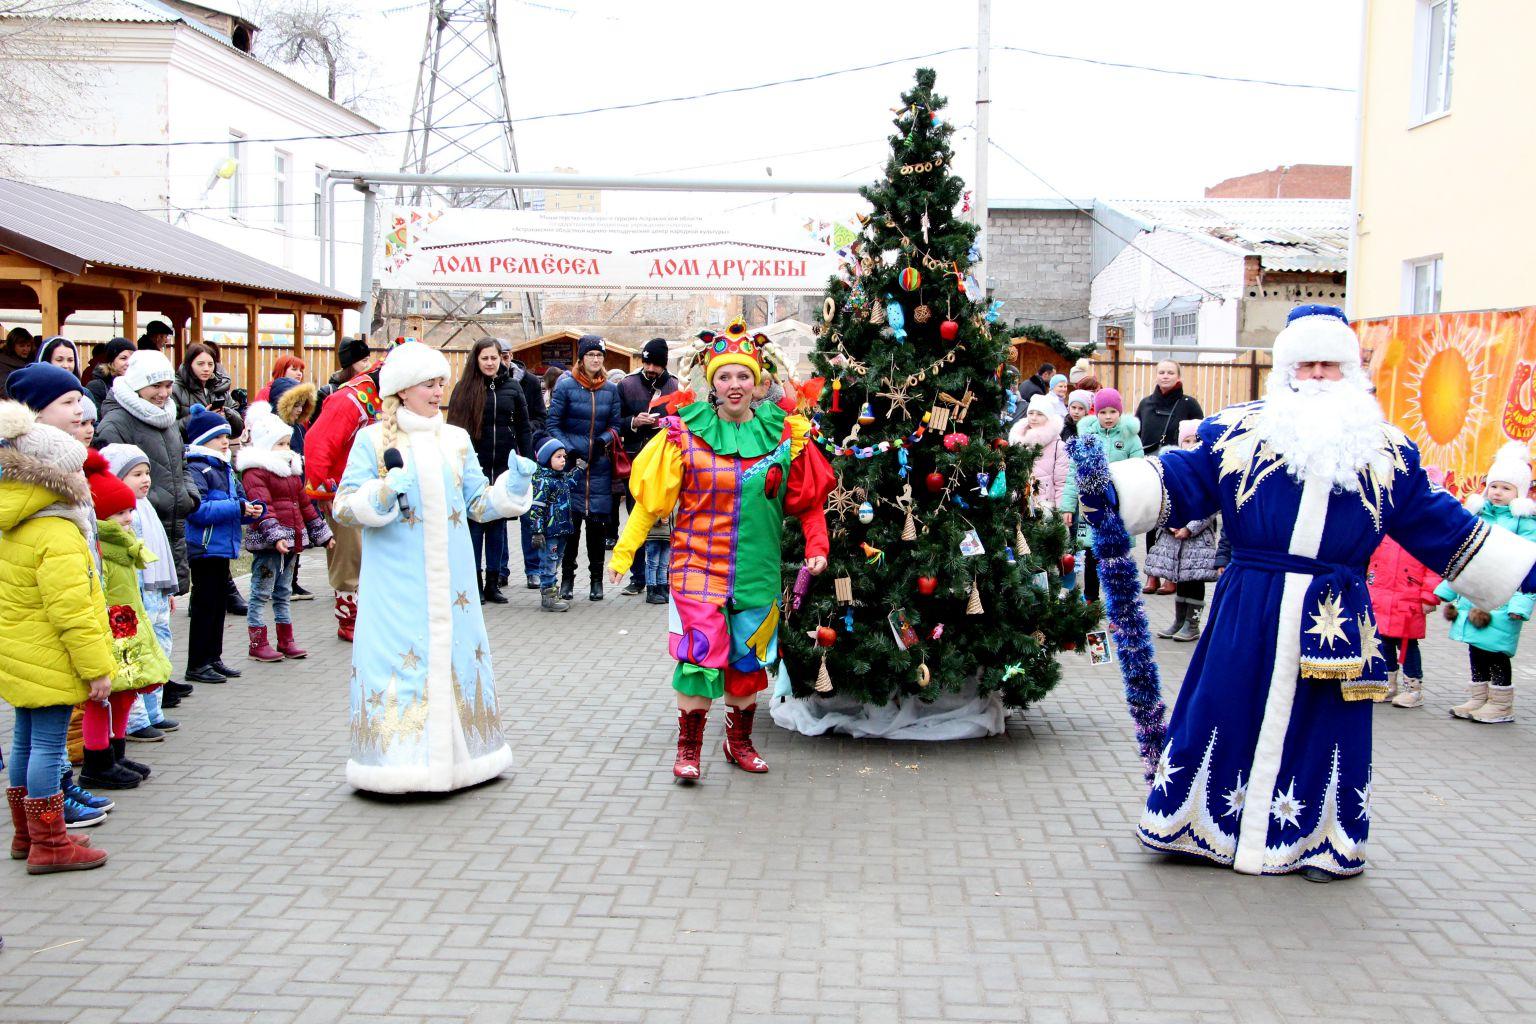 Областной центр народной культуры приглашает астраханцев на новогодние мероприятия в 2020 году